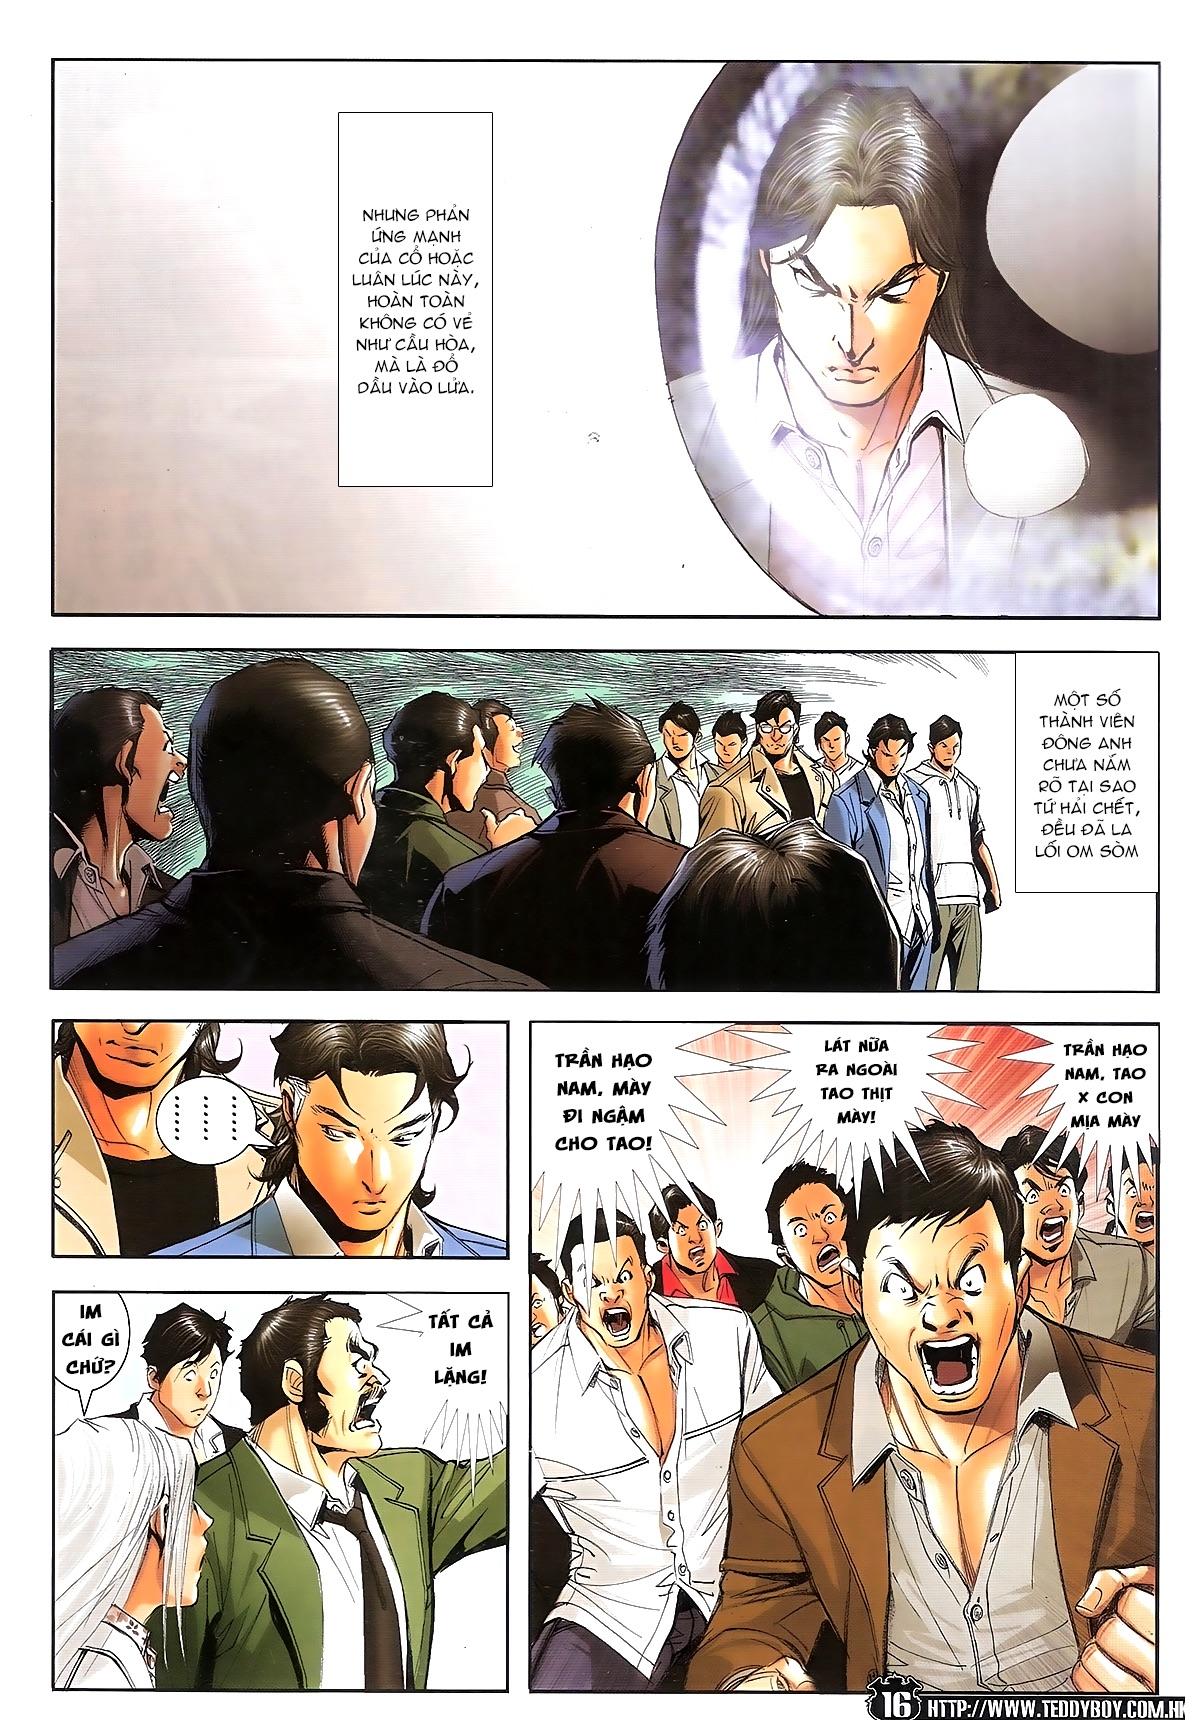 Người Trong Giang Hồ - Ngũ Hổ qui thiên - Chapter 1718: Đàm phán siêu cấp 4 - Pic 15